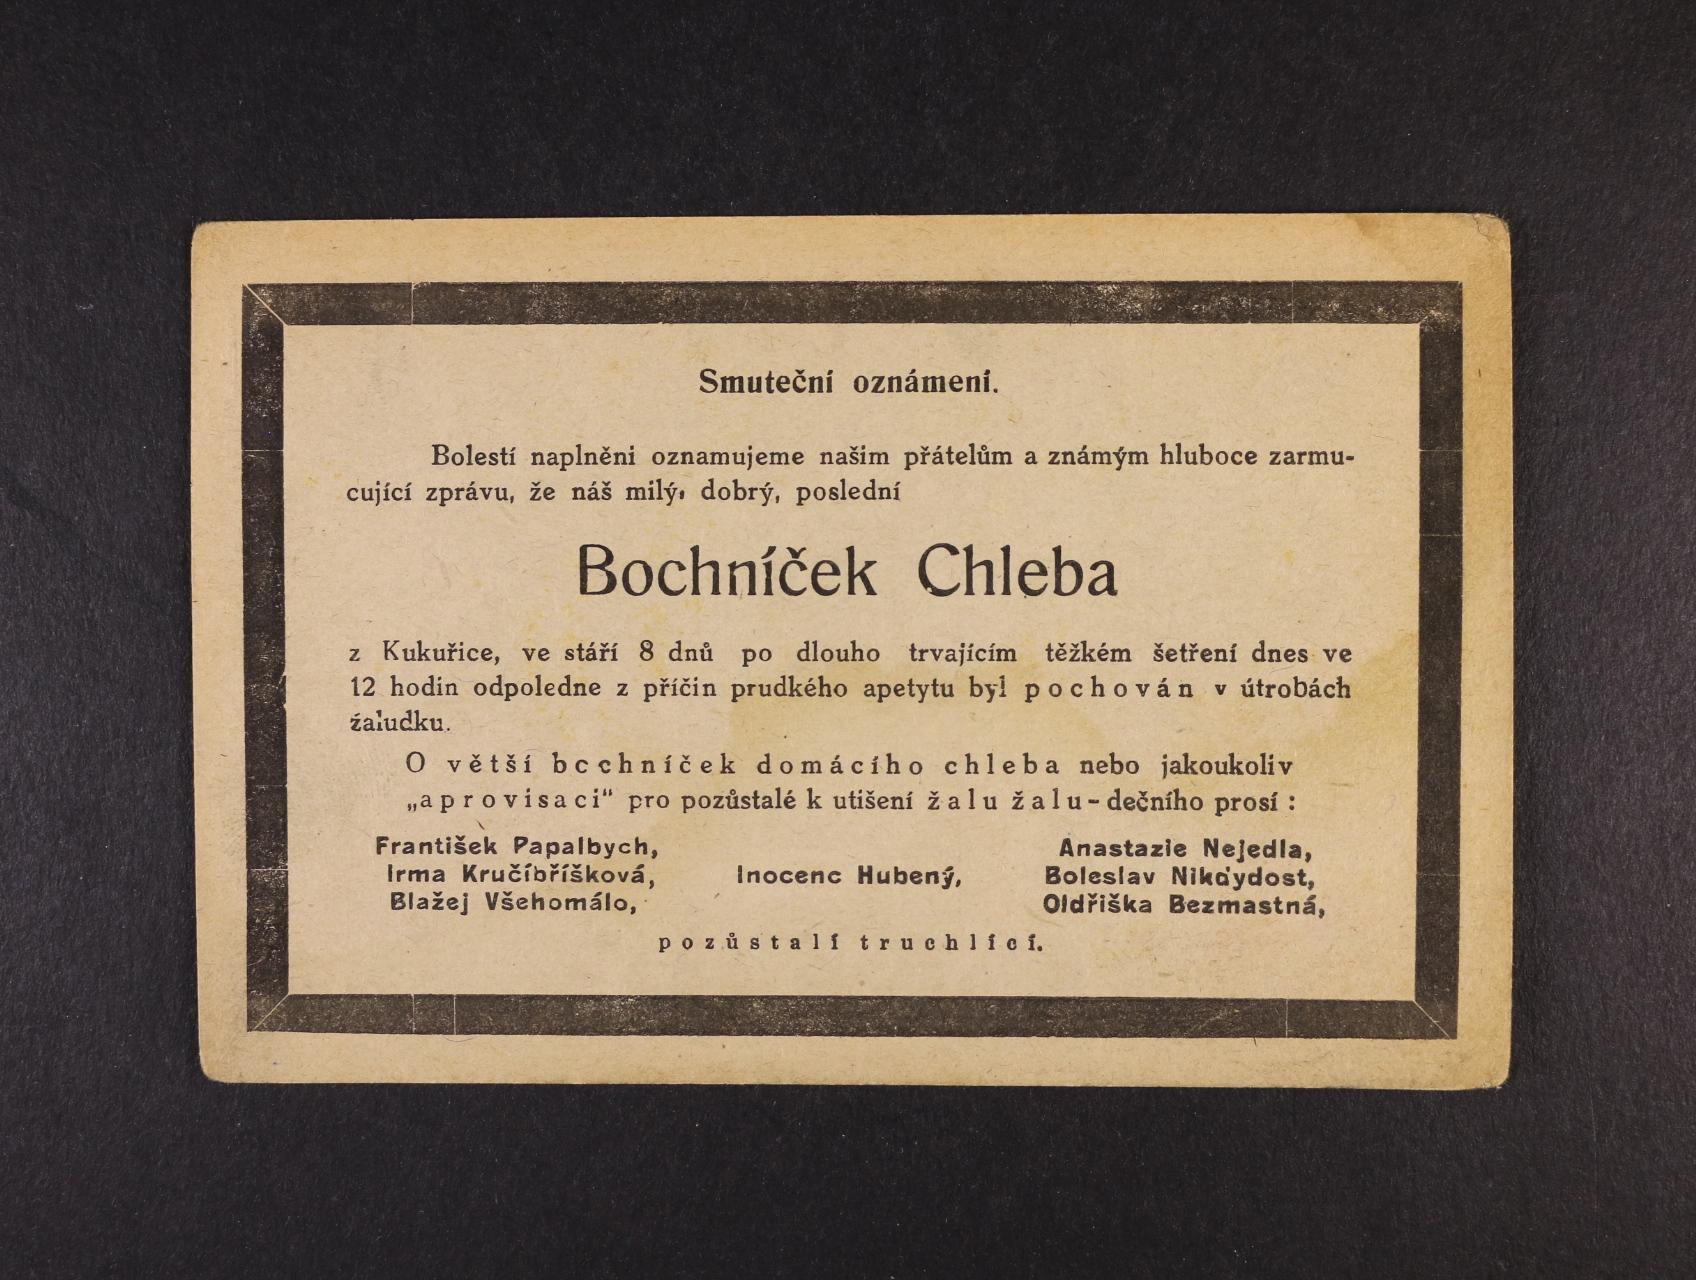 Šváb - jednobar. nečíslovaná pohlednice - smuteční oznámení, nepoužitá, kvalita k prohlédnutí